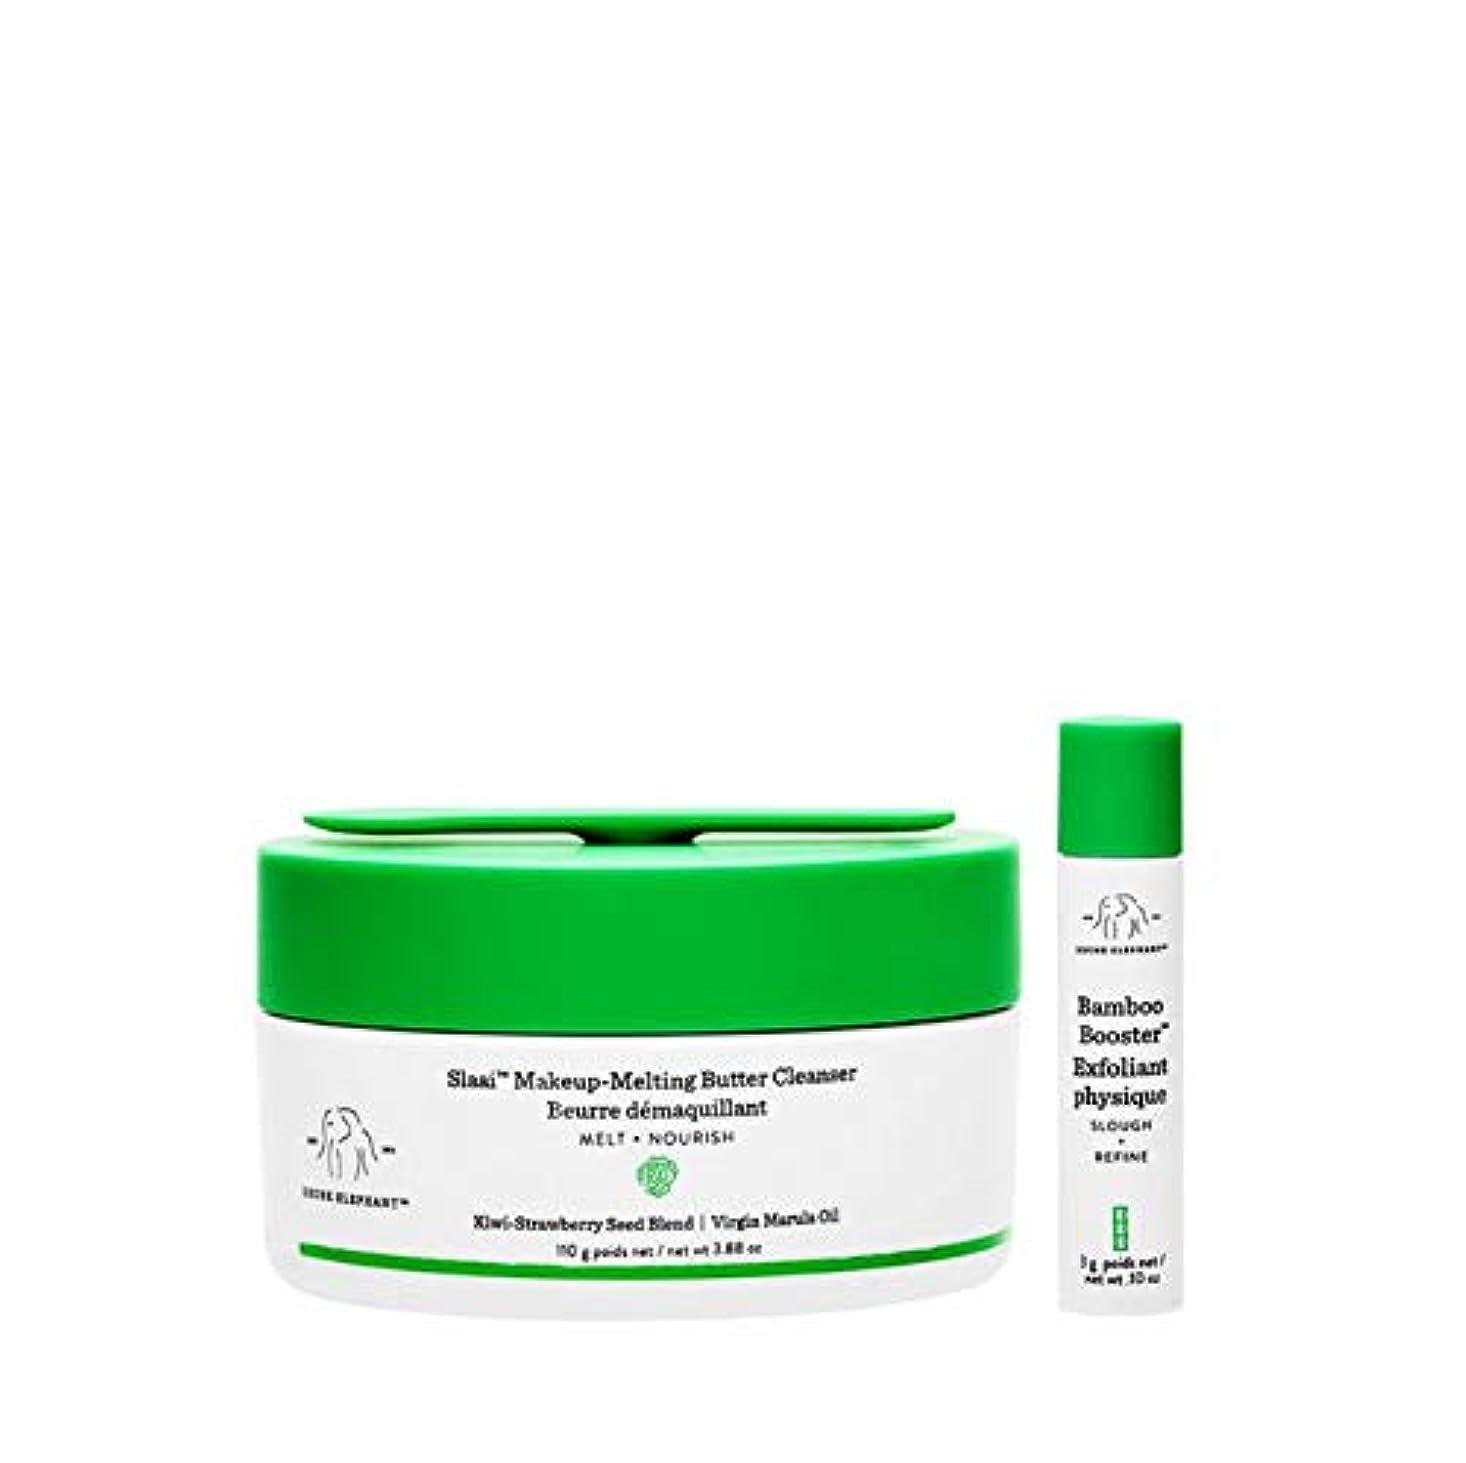 溶ける日付付き文明化するDRUNK ELEPHANT Slaai Makeup-Melting Butter Cleanser ドランクエレファント スラエー メーカップ メルティング バター クレンザー 110g